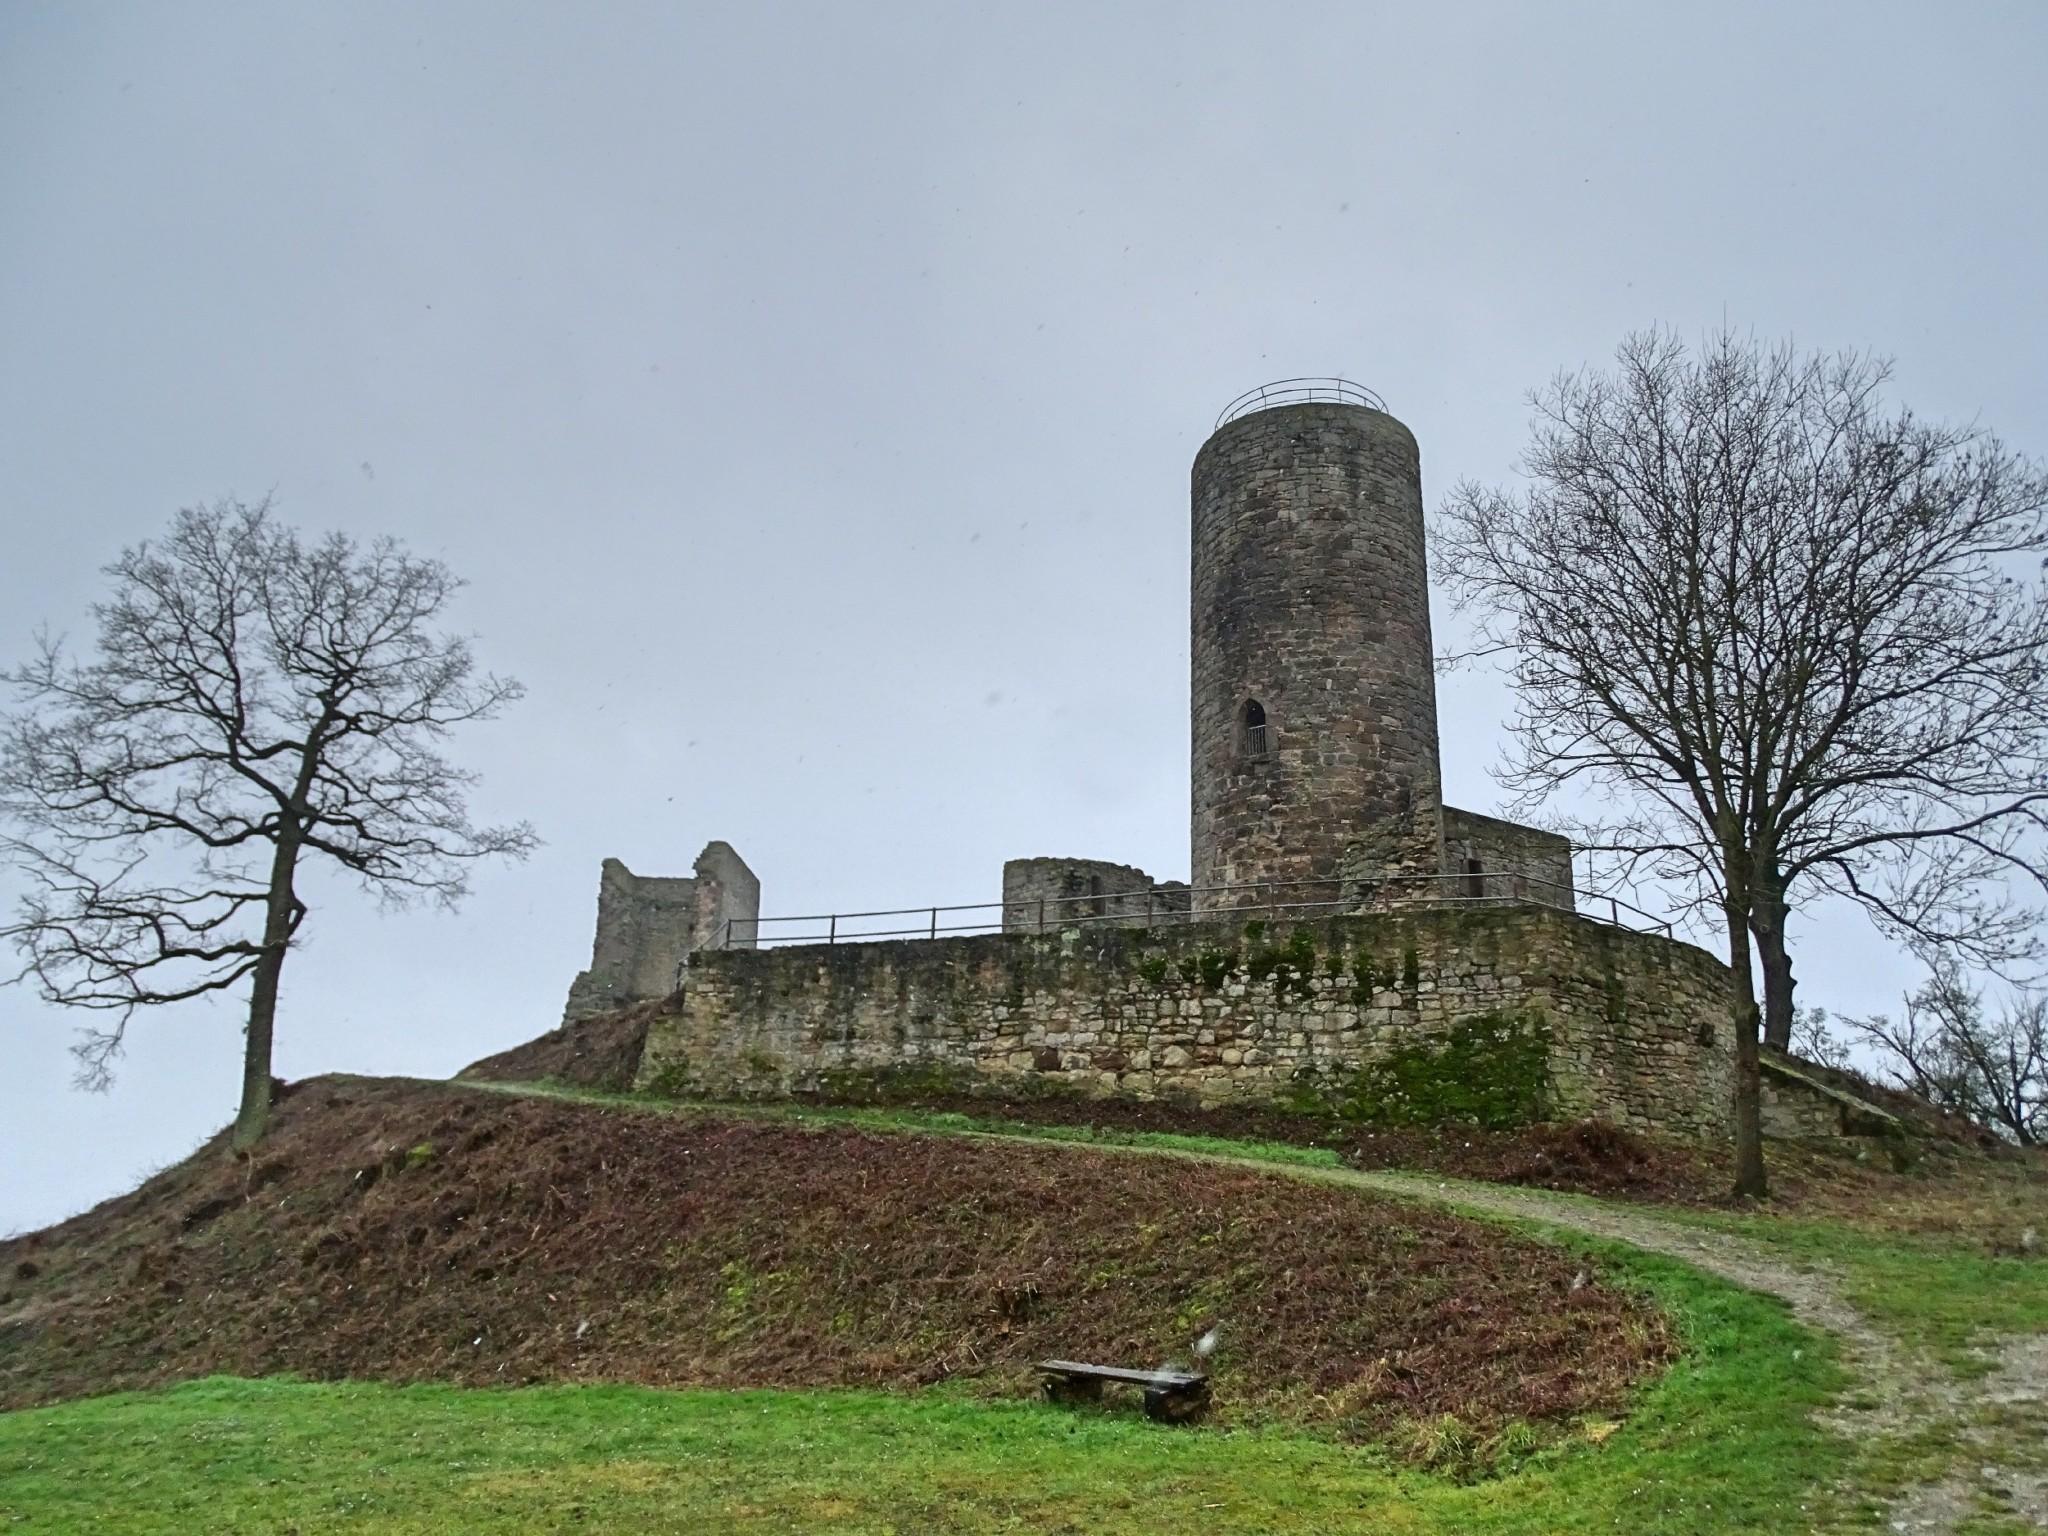 Burgen, Natur und Schnee in Westfalen